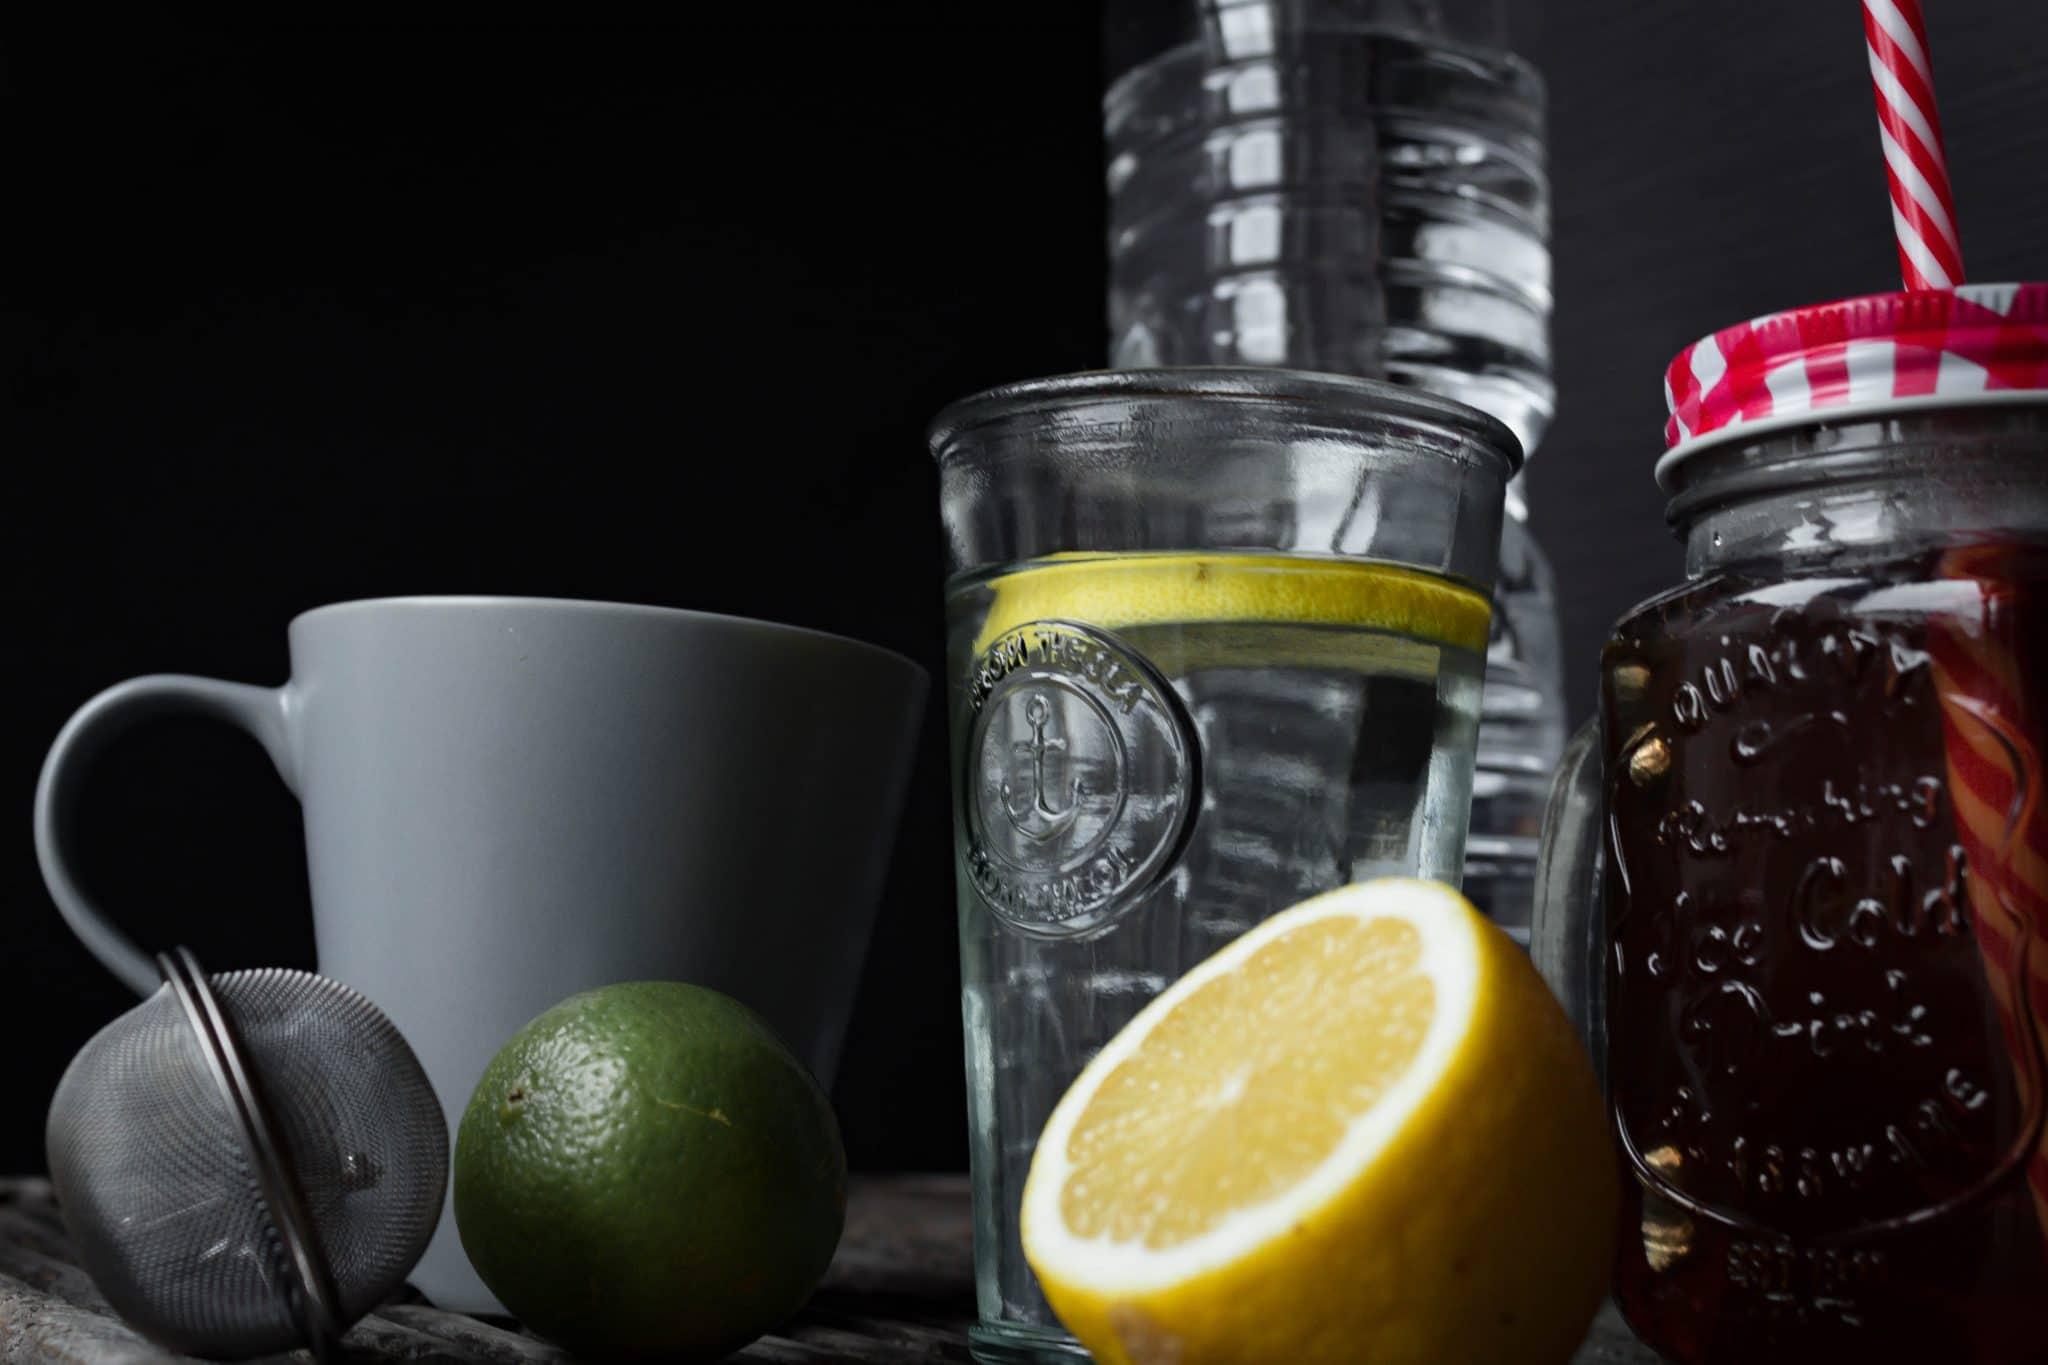 gesund leben 10 tipps um mehr zu trinken lisasbuntewelt. Black Bedroom Furniture Sets. Home Design Ideas